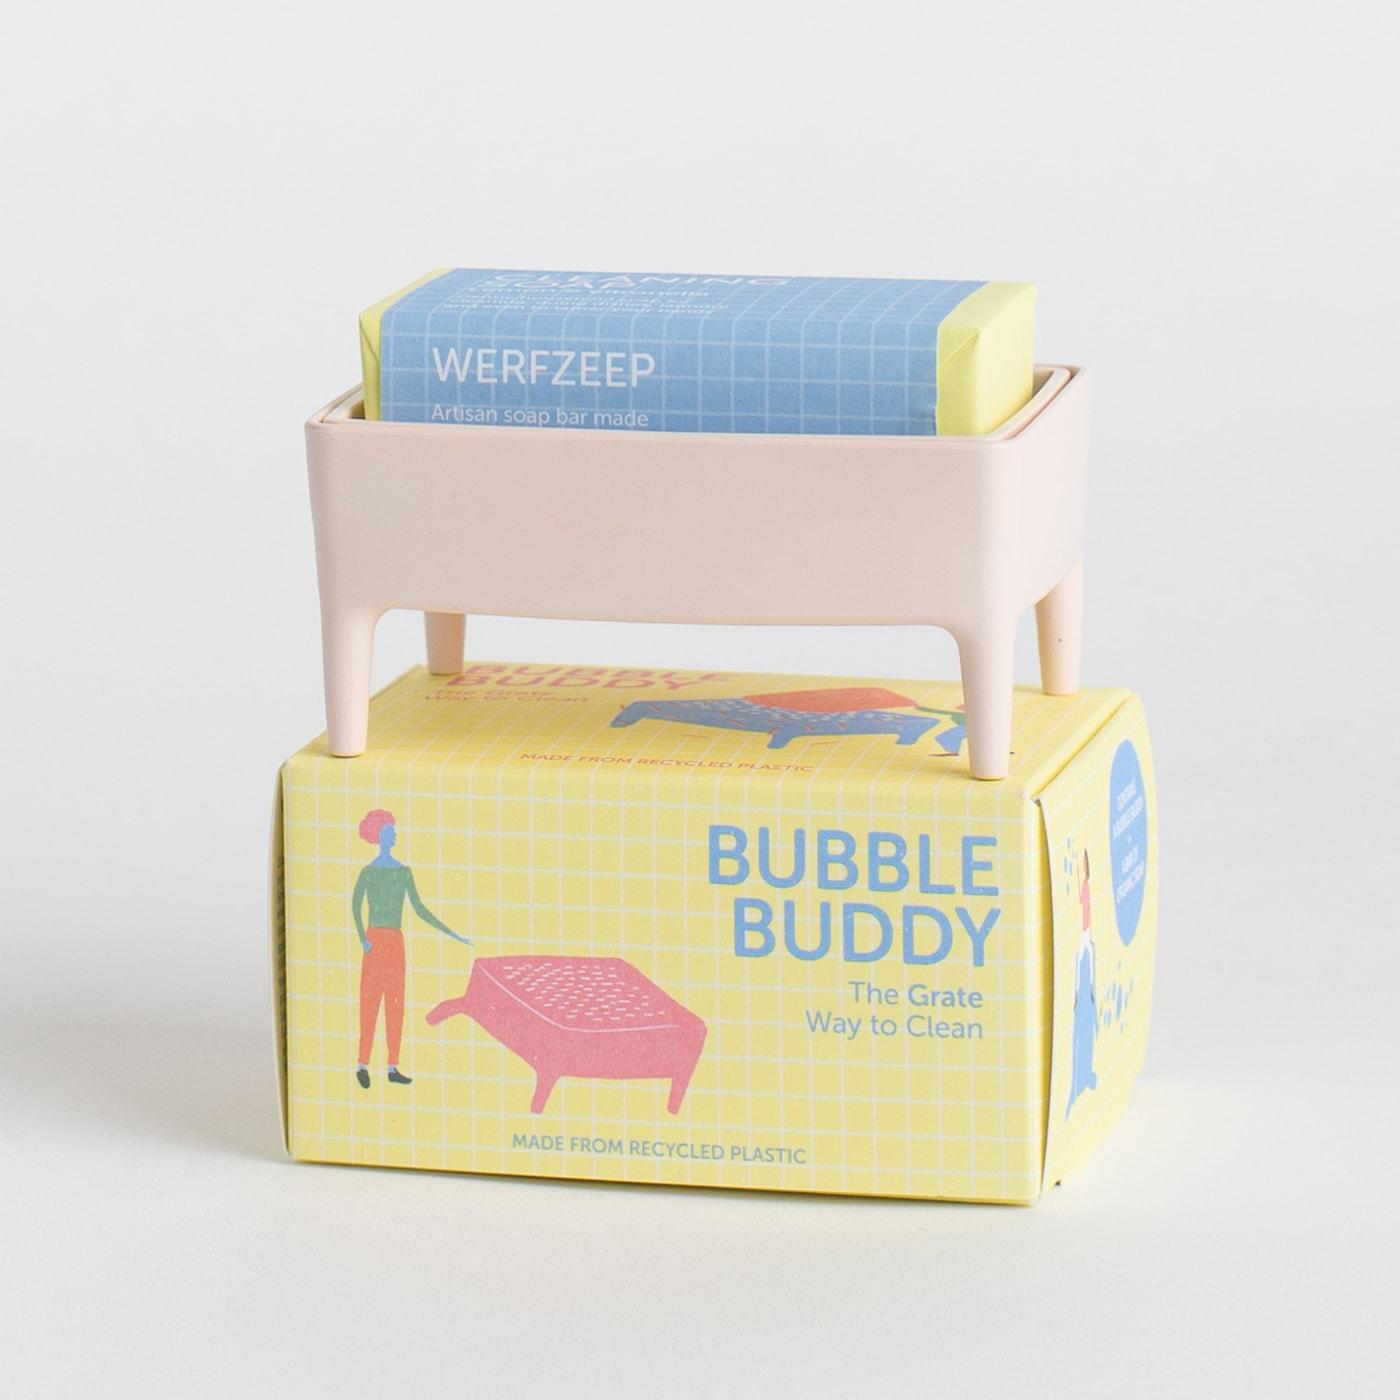 Lieblingssachen für Familien: Nachhaltiger Seifenspender Babble Buddy // HIMBEER